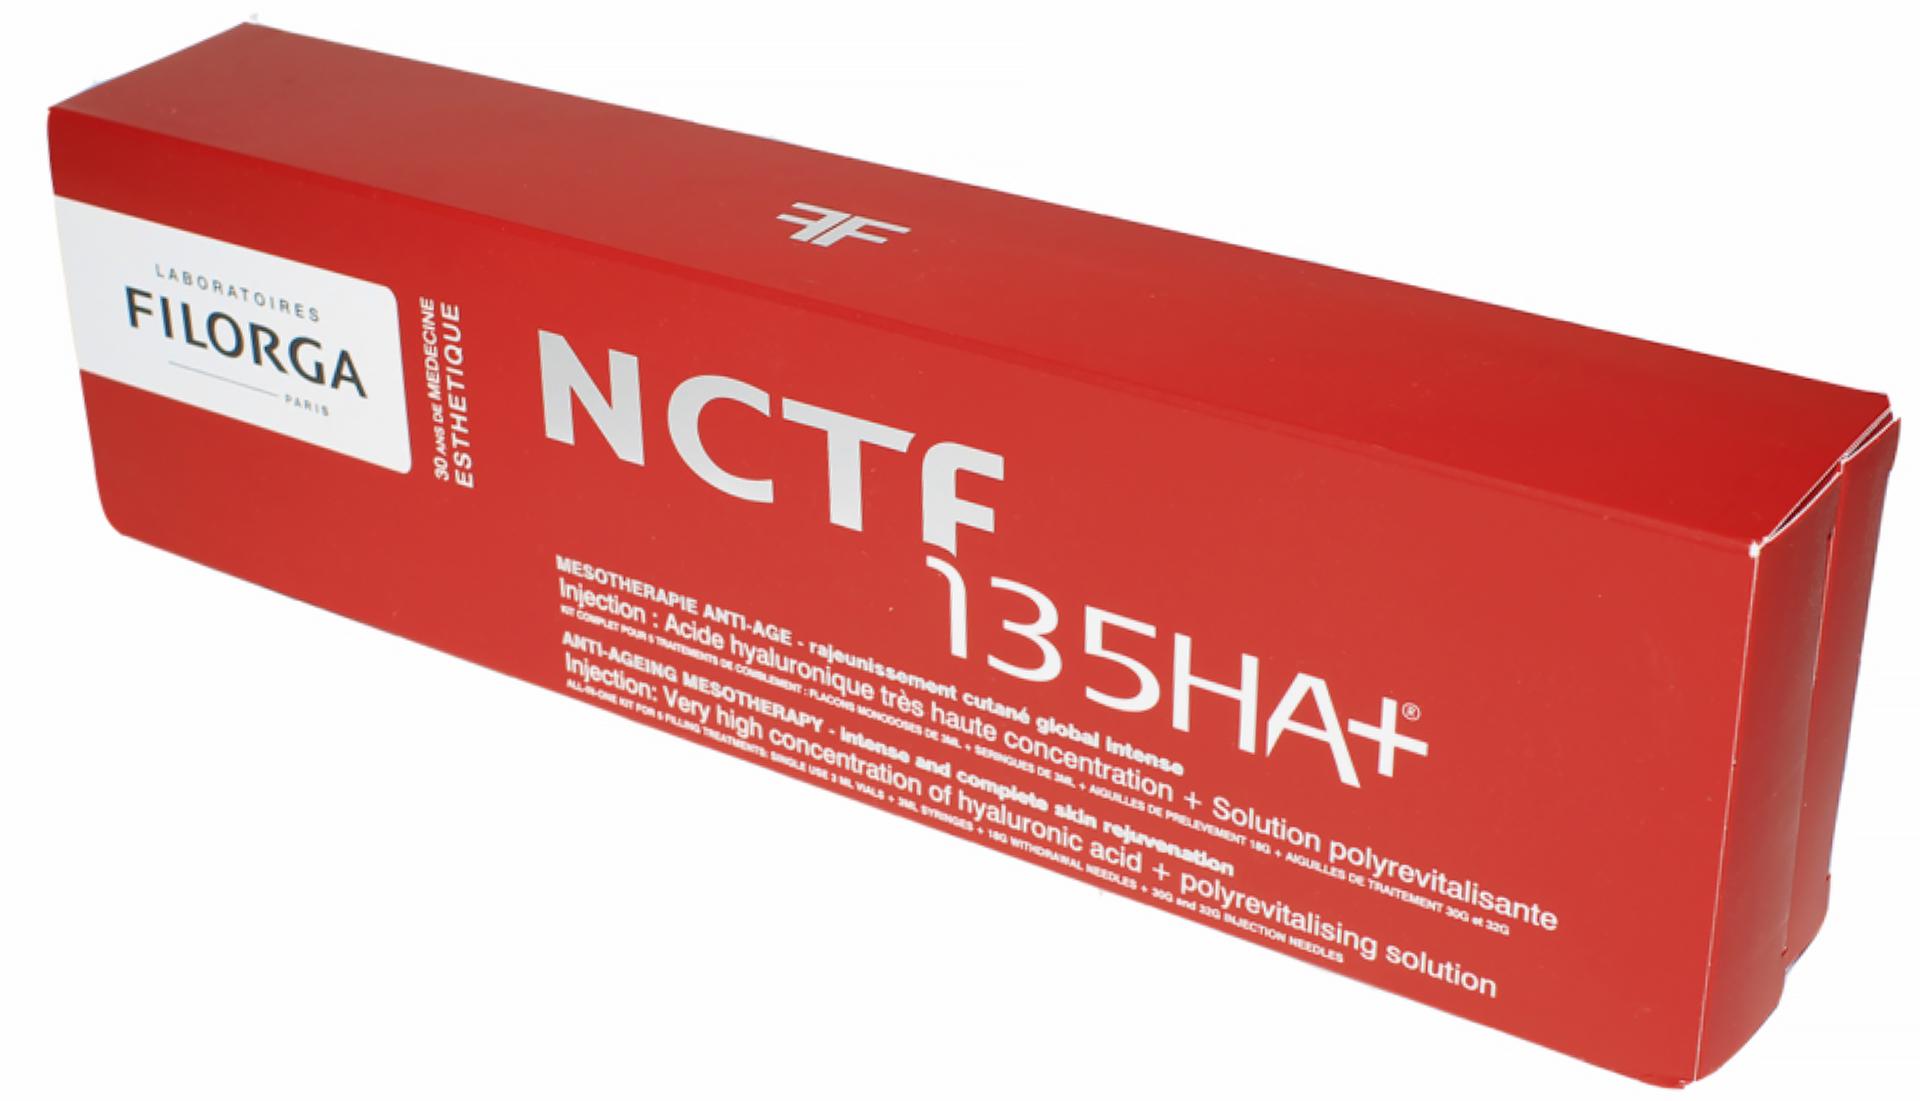 Filorga NCTF 135 HA+